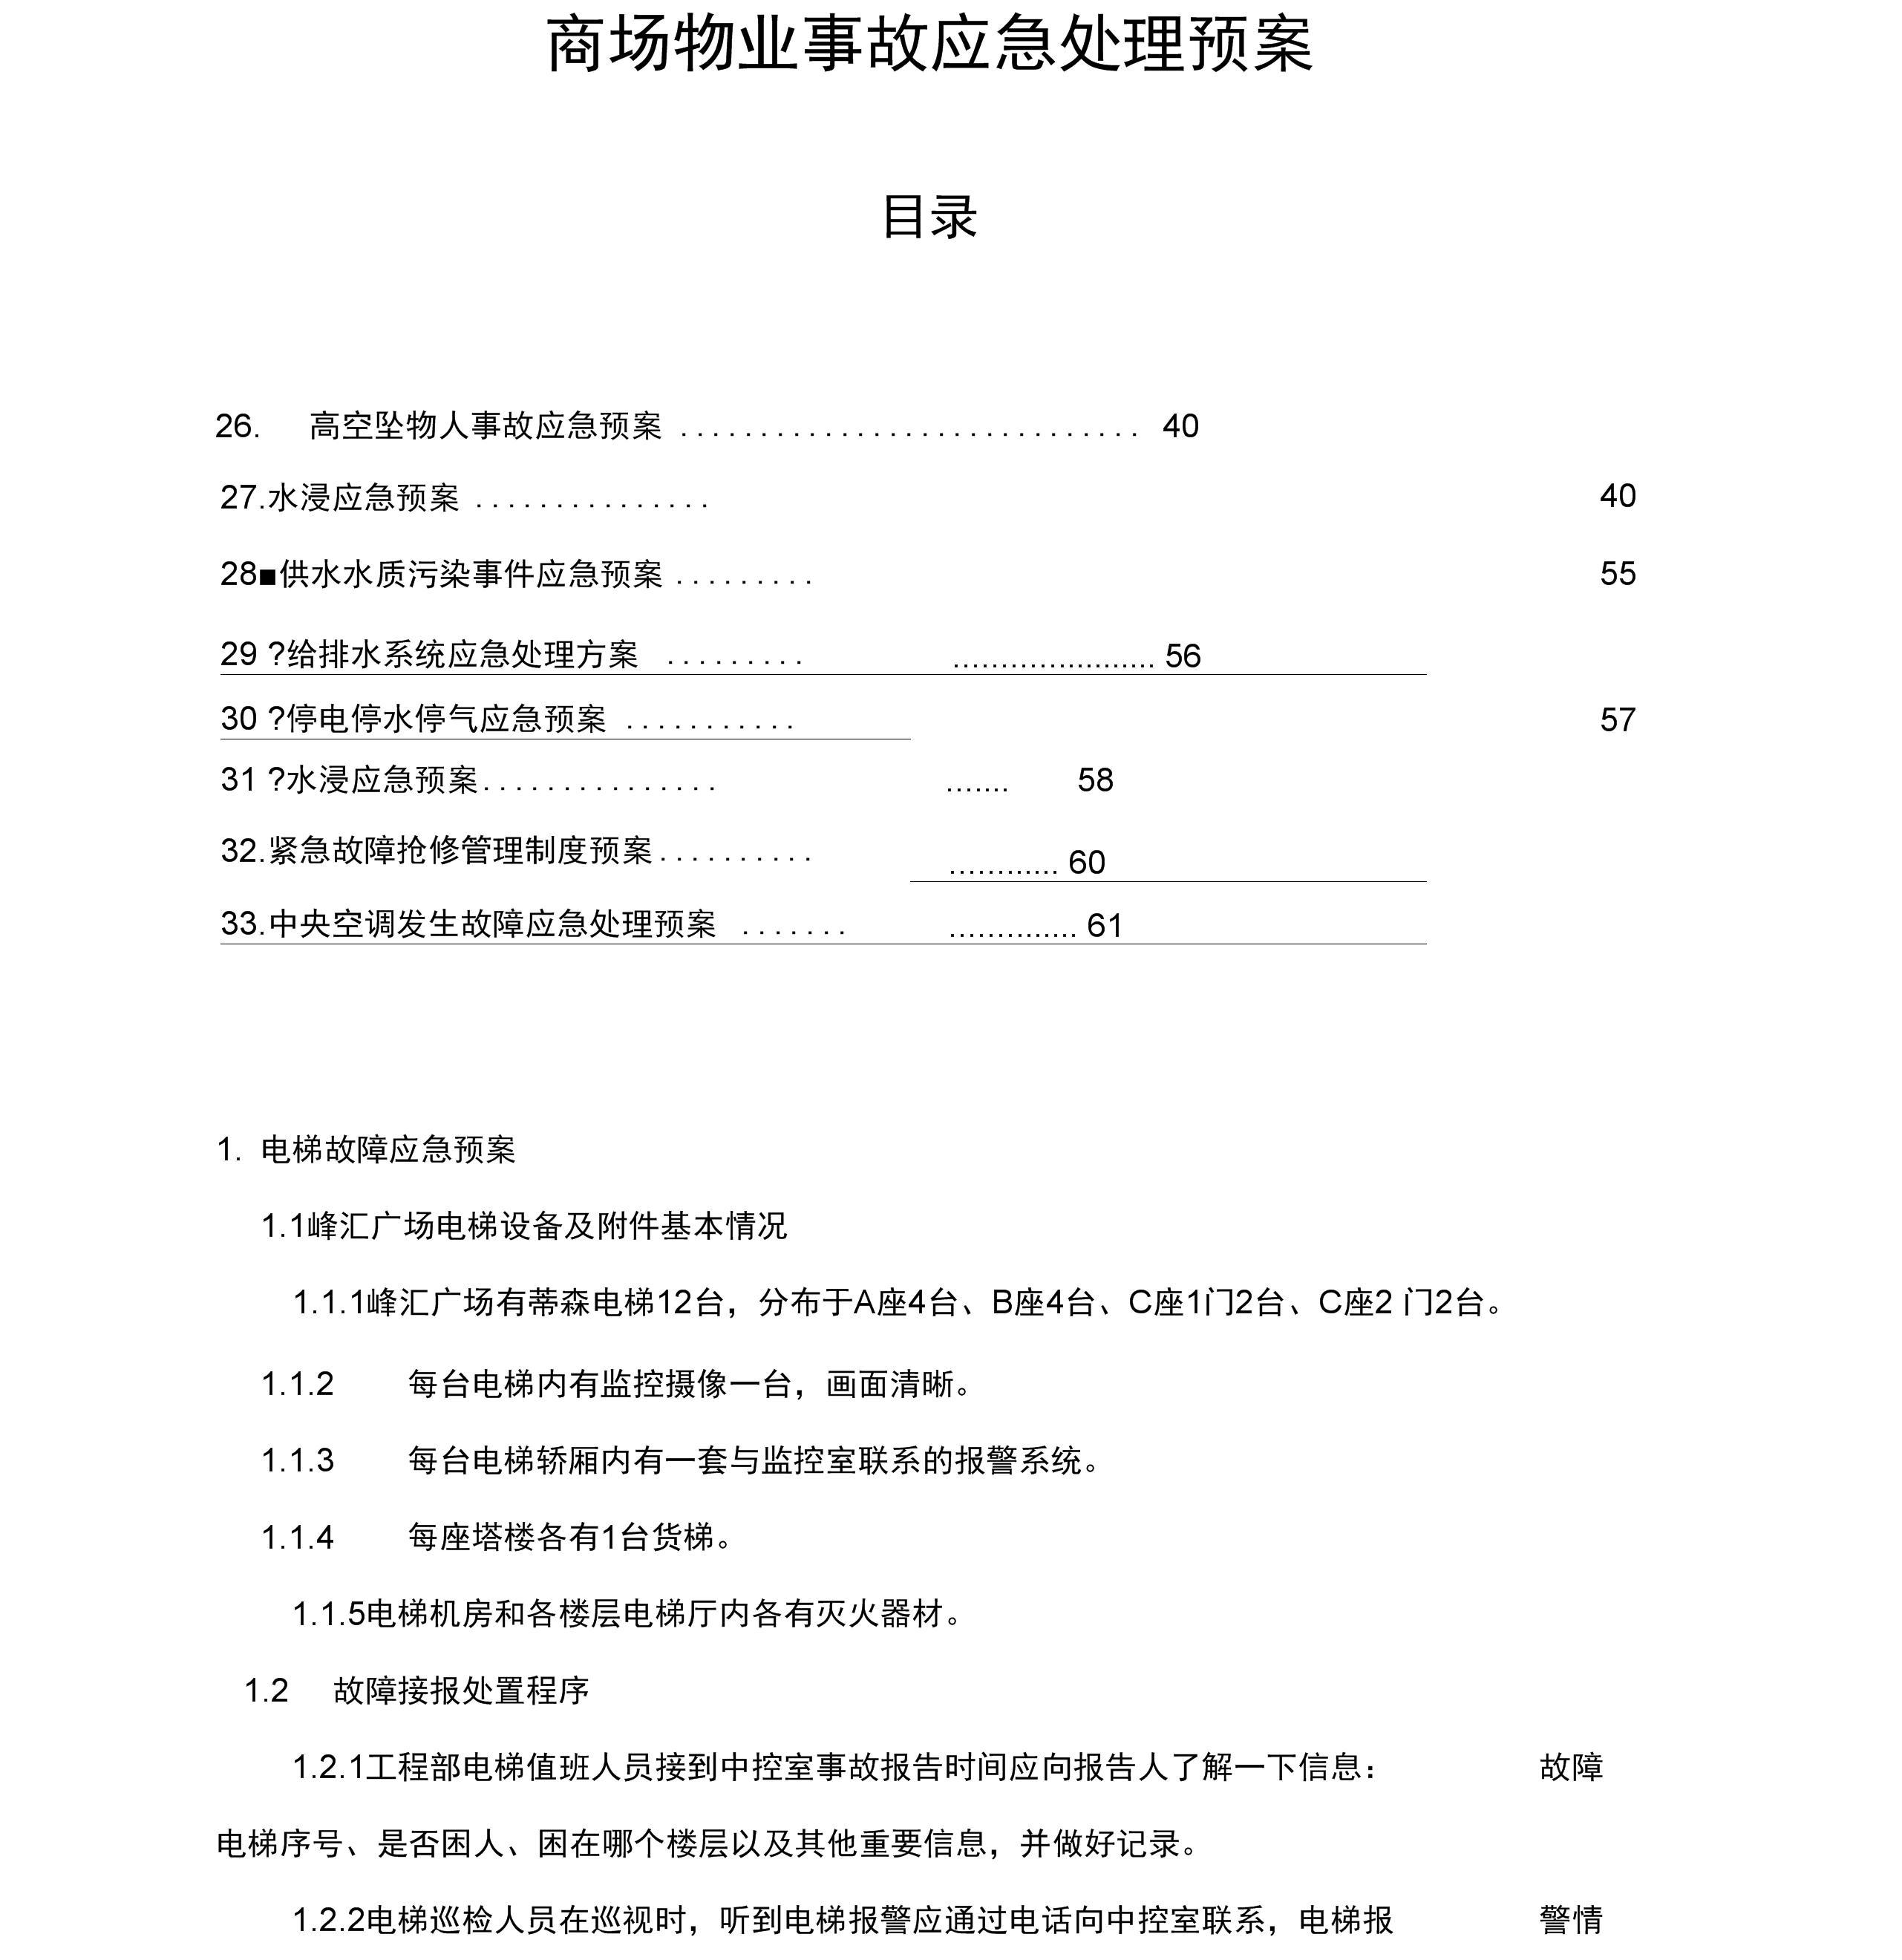 最新商场物业事故应急处理预案.docx